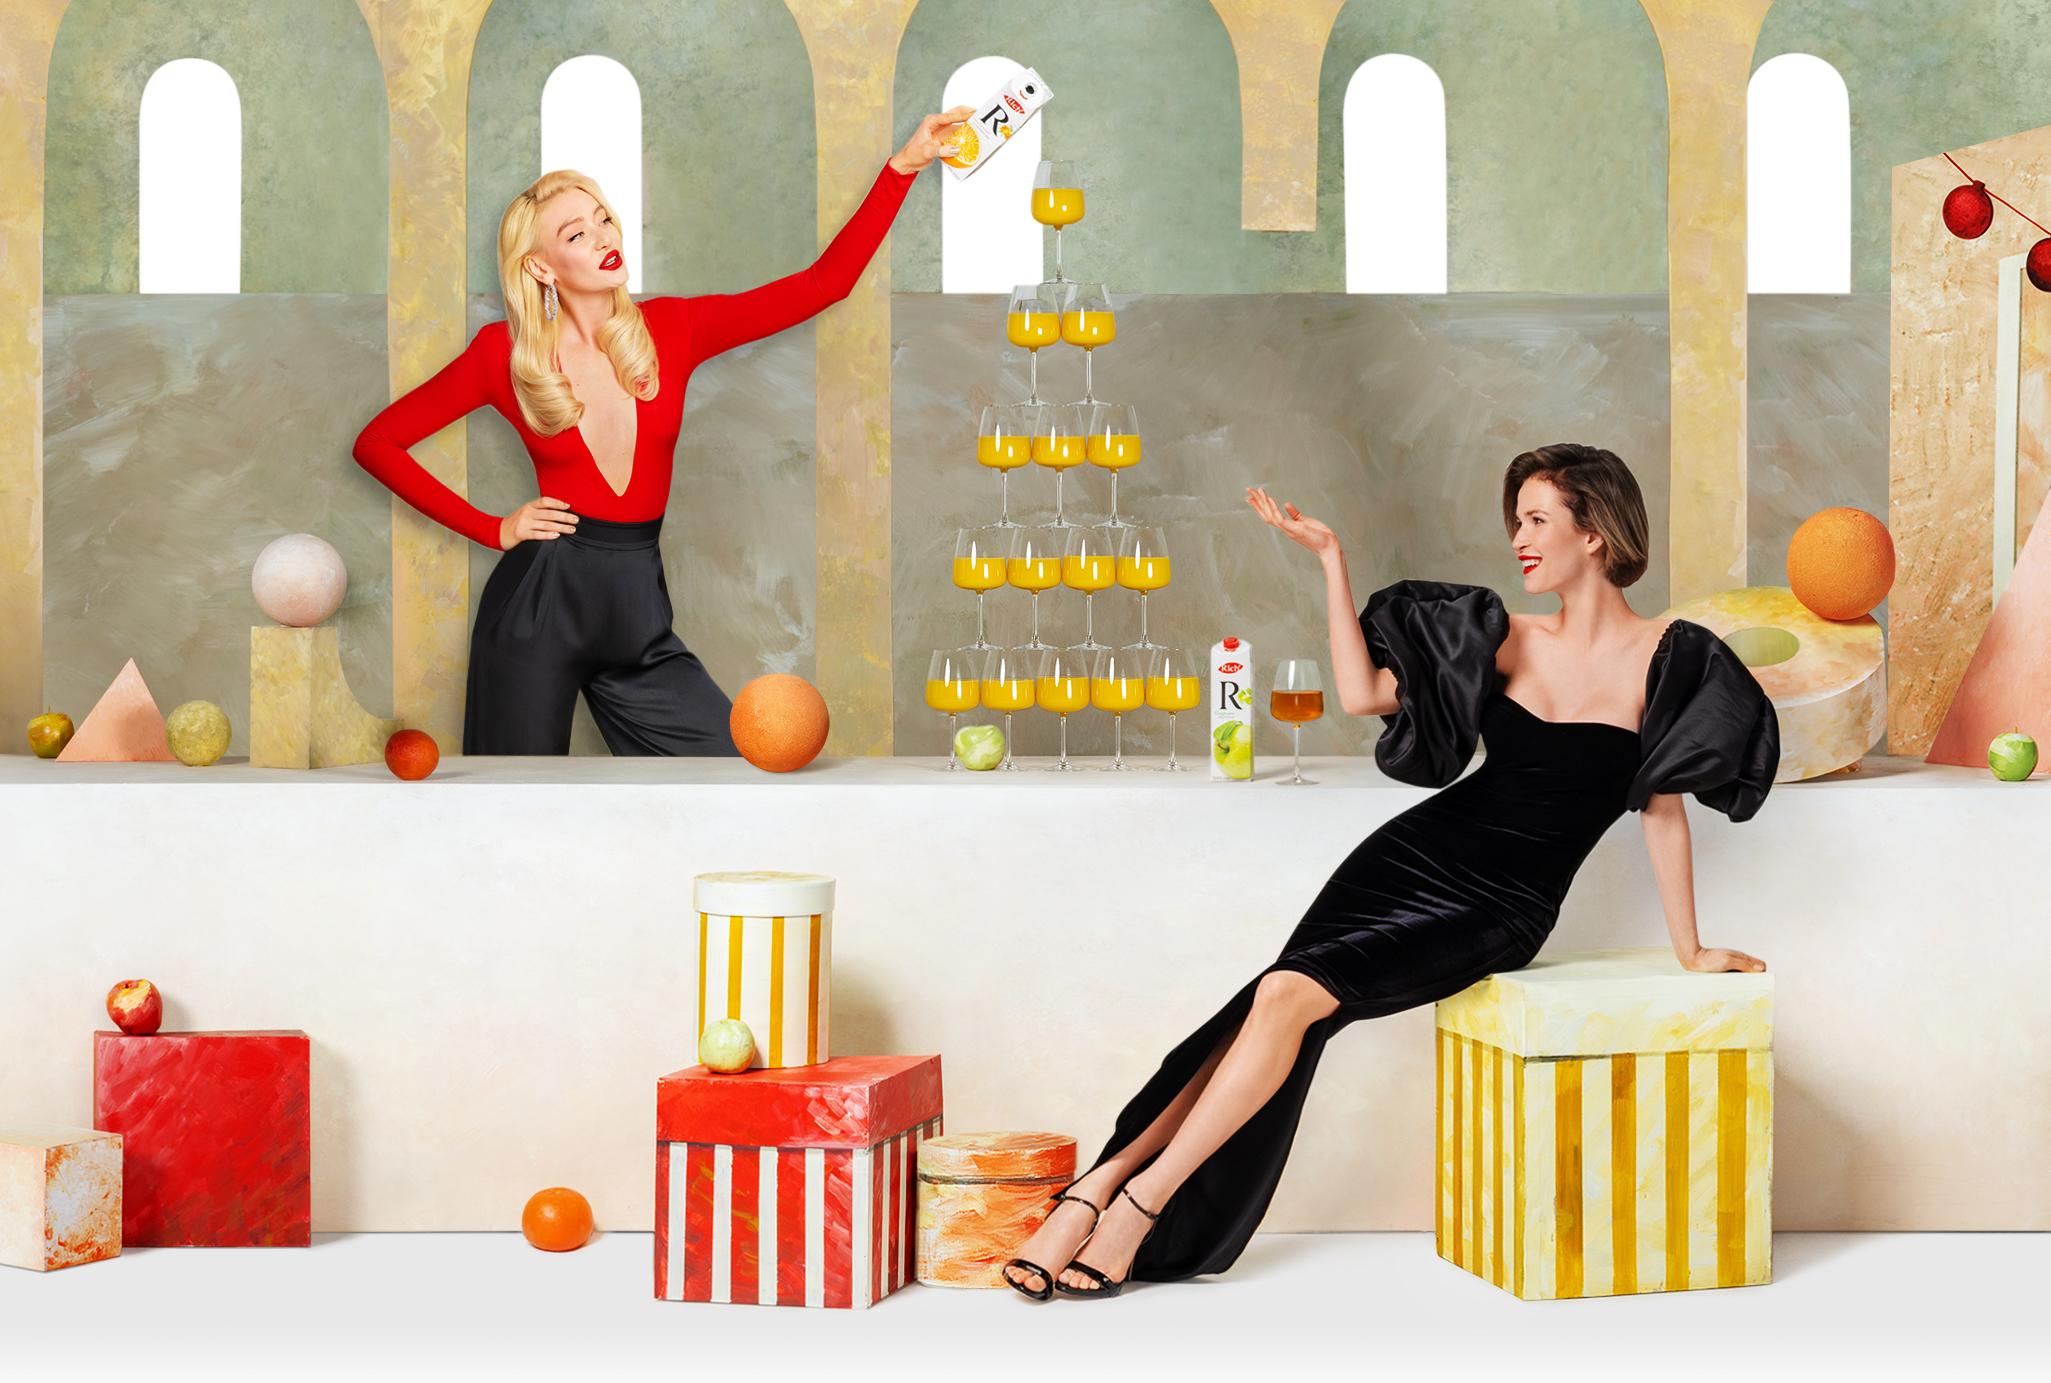 К Новому году: Елена Темникова, Мария Миногарова и другие звезды рассказывают, как сделать праздник незабываемым